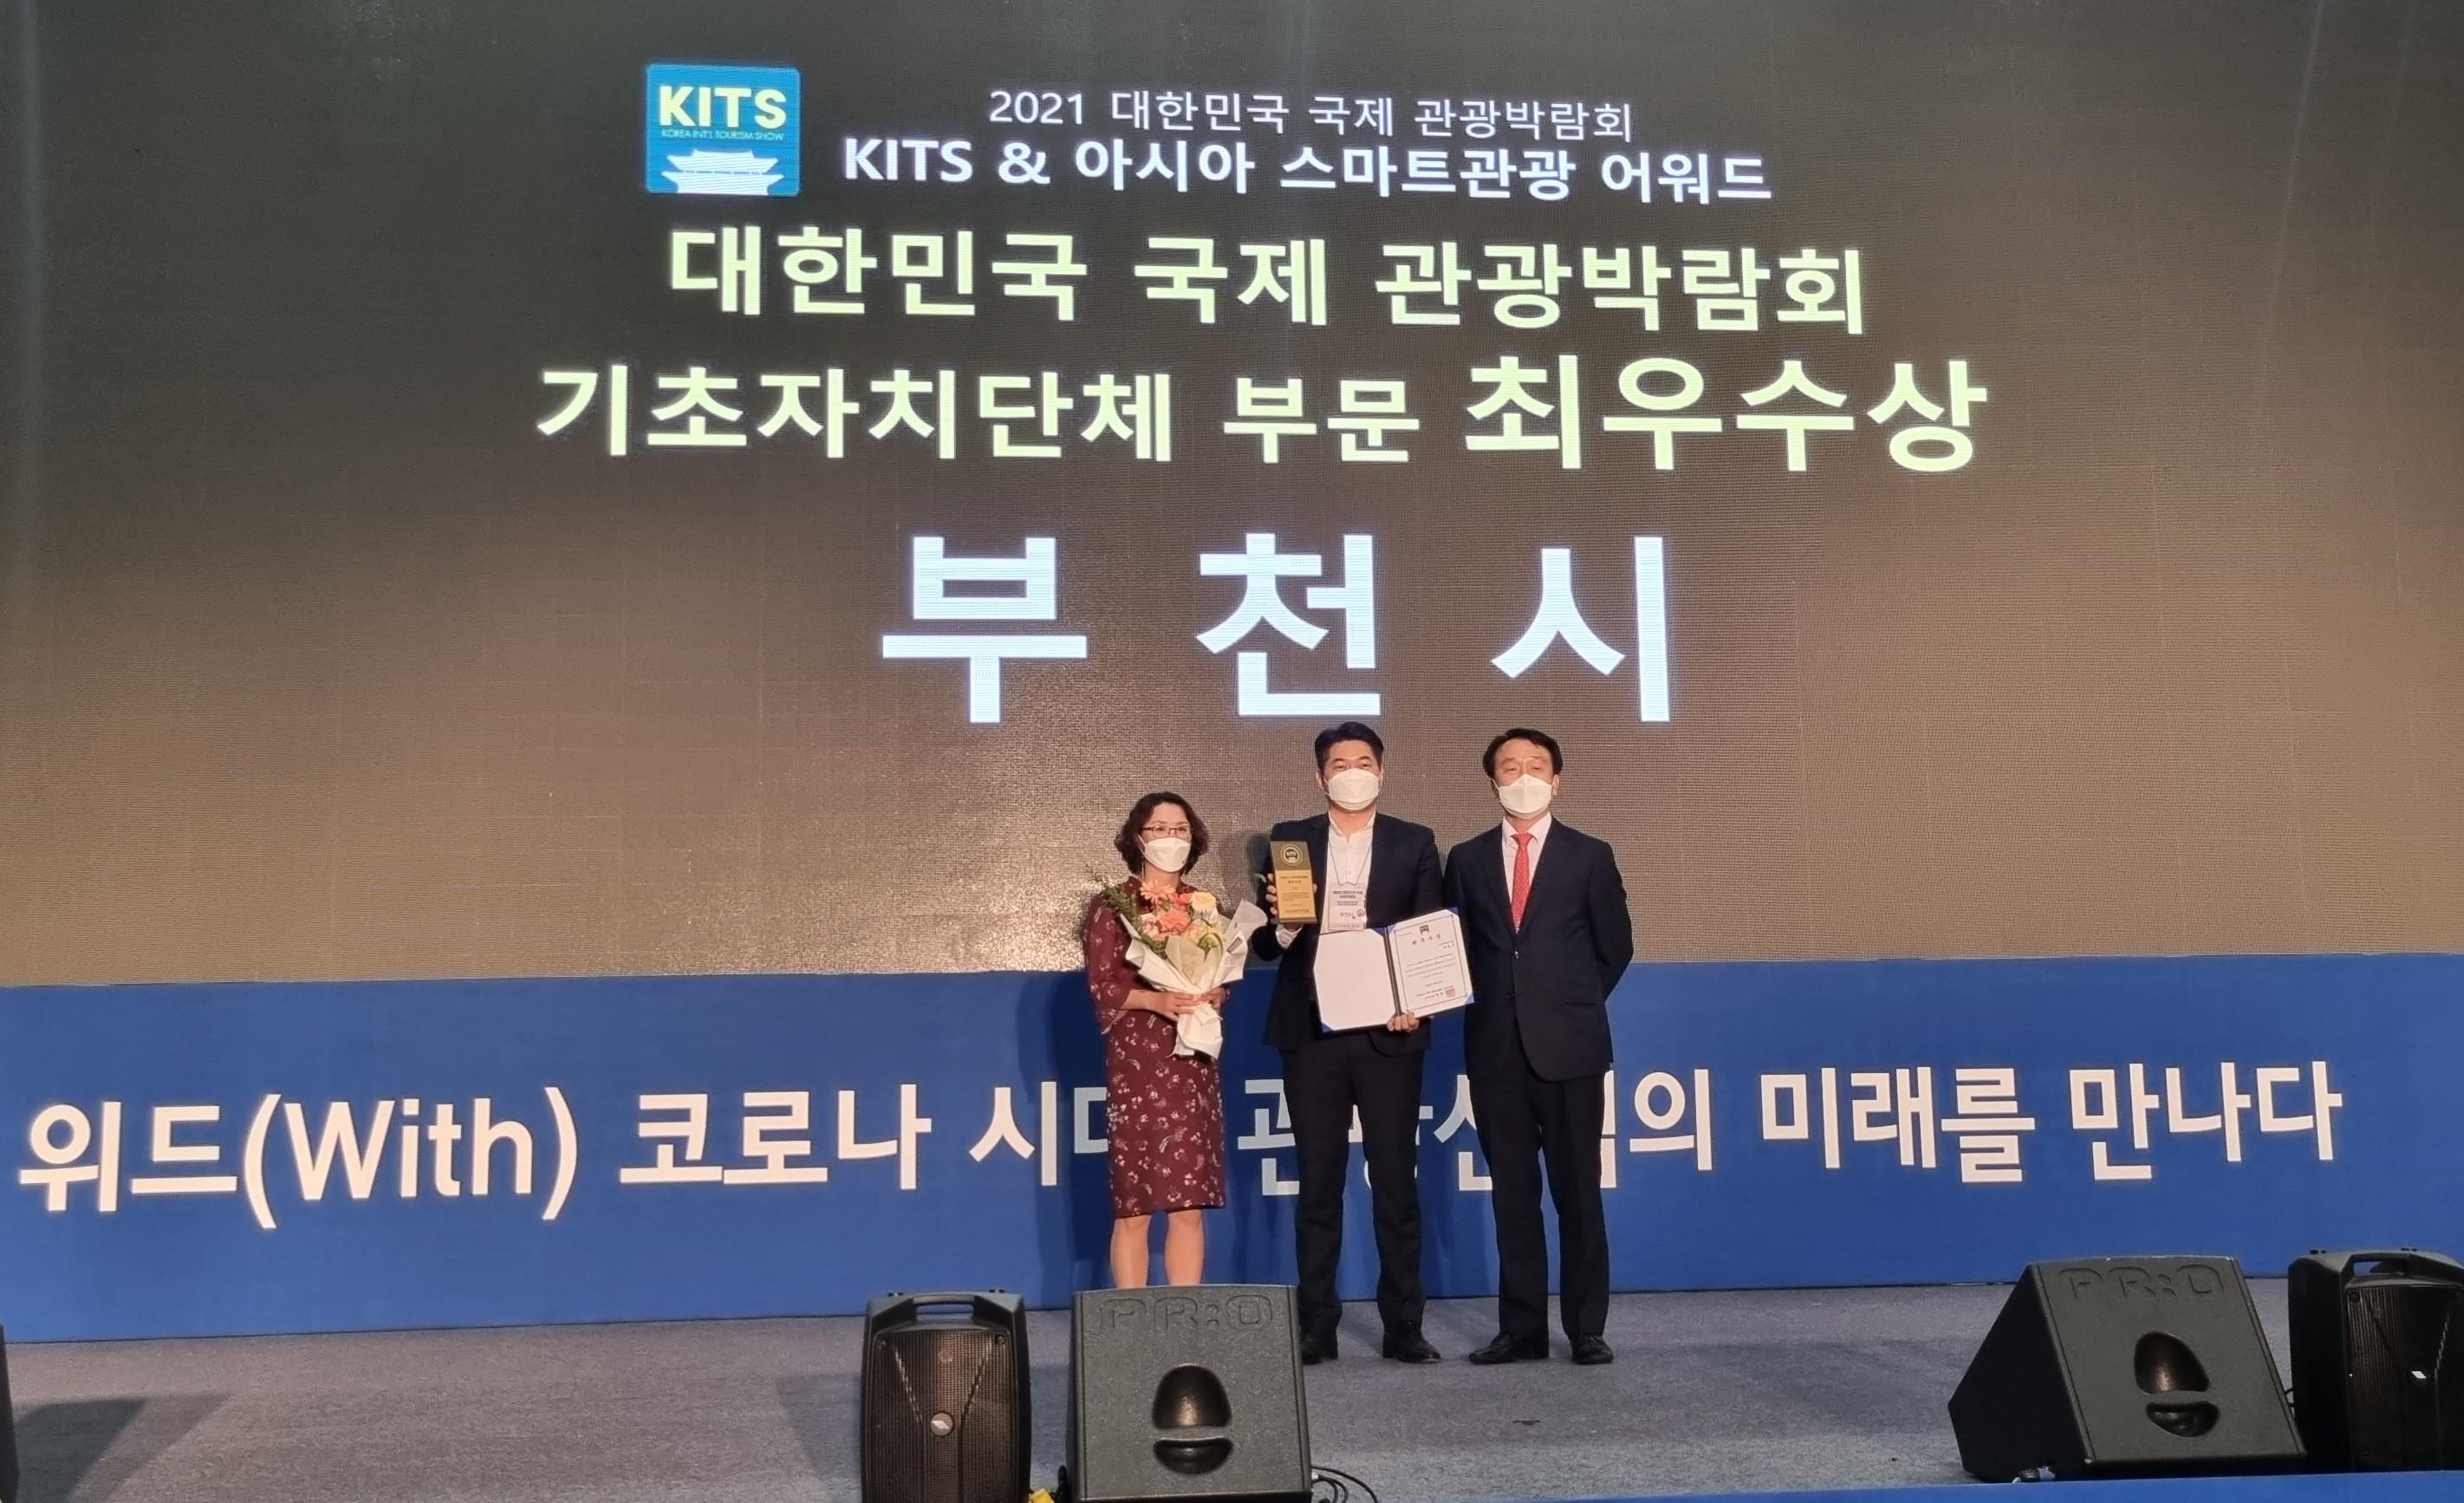 부천시, '2021 대한민국 국제 관광박람회' 최우수상 수상